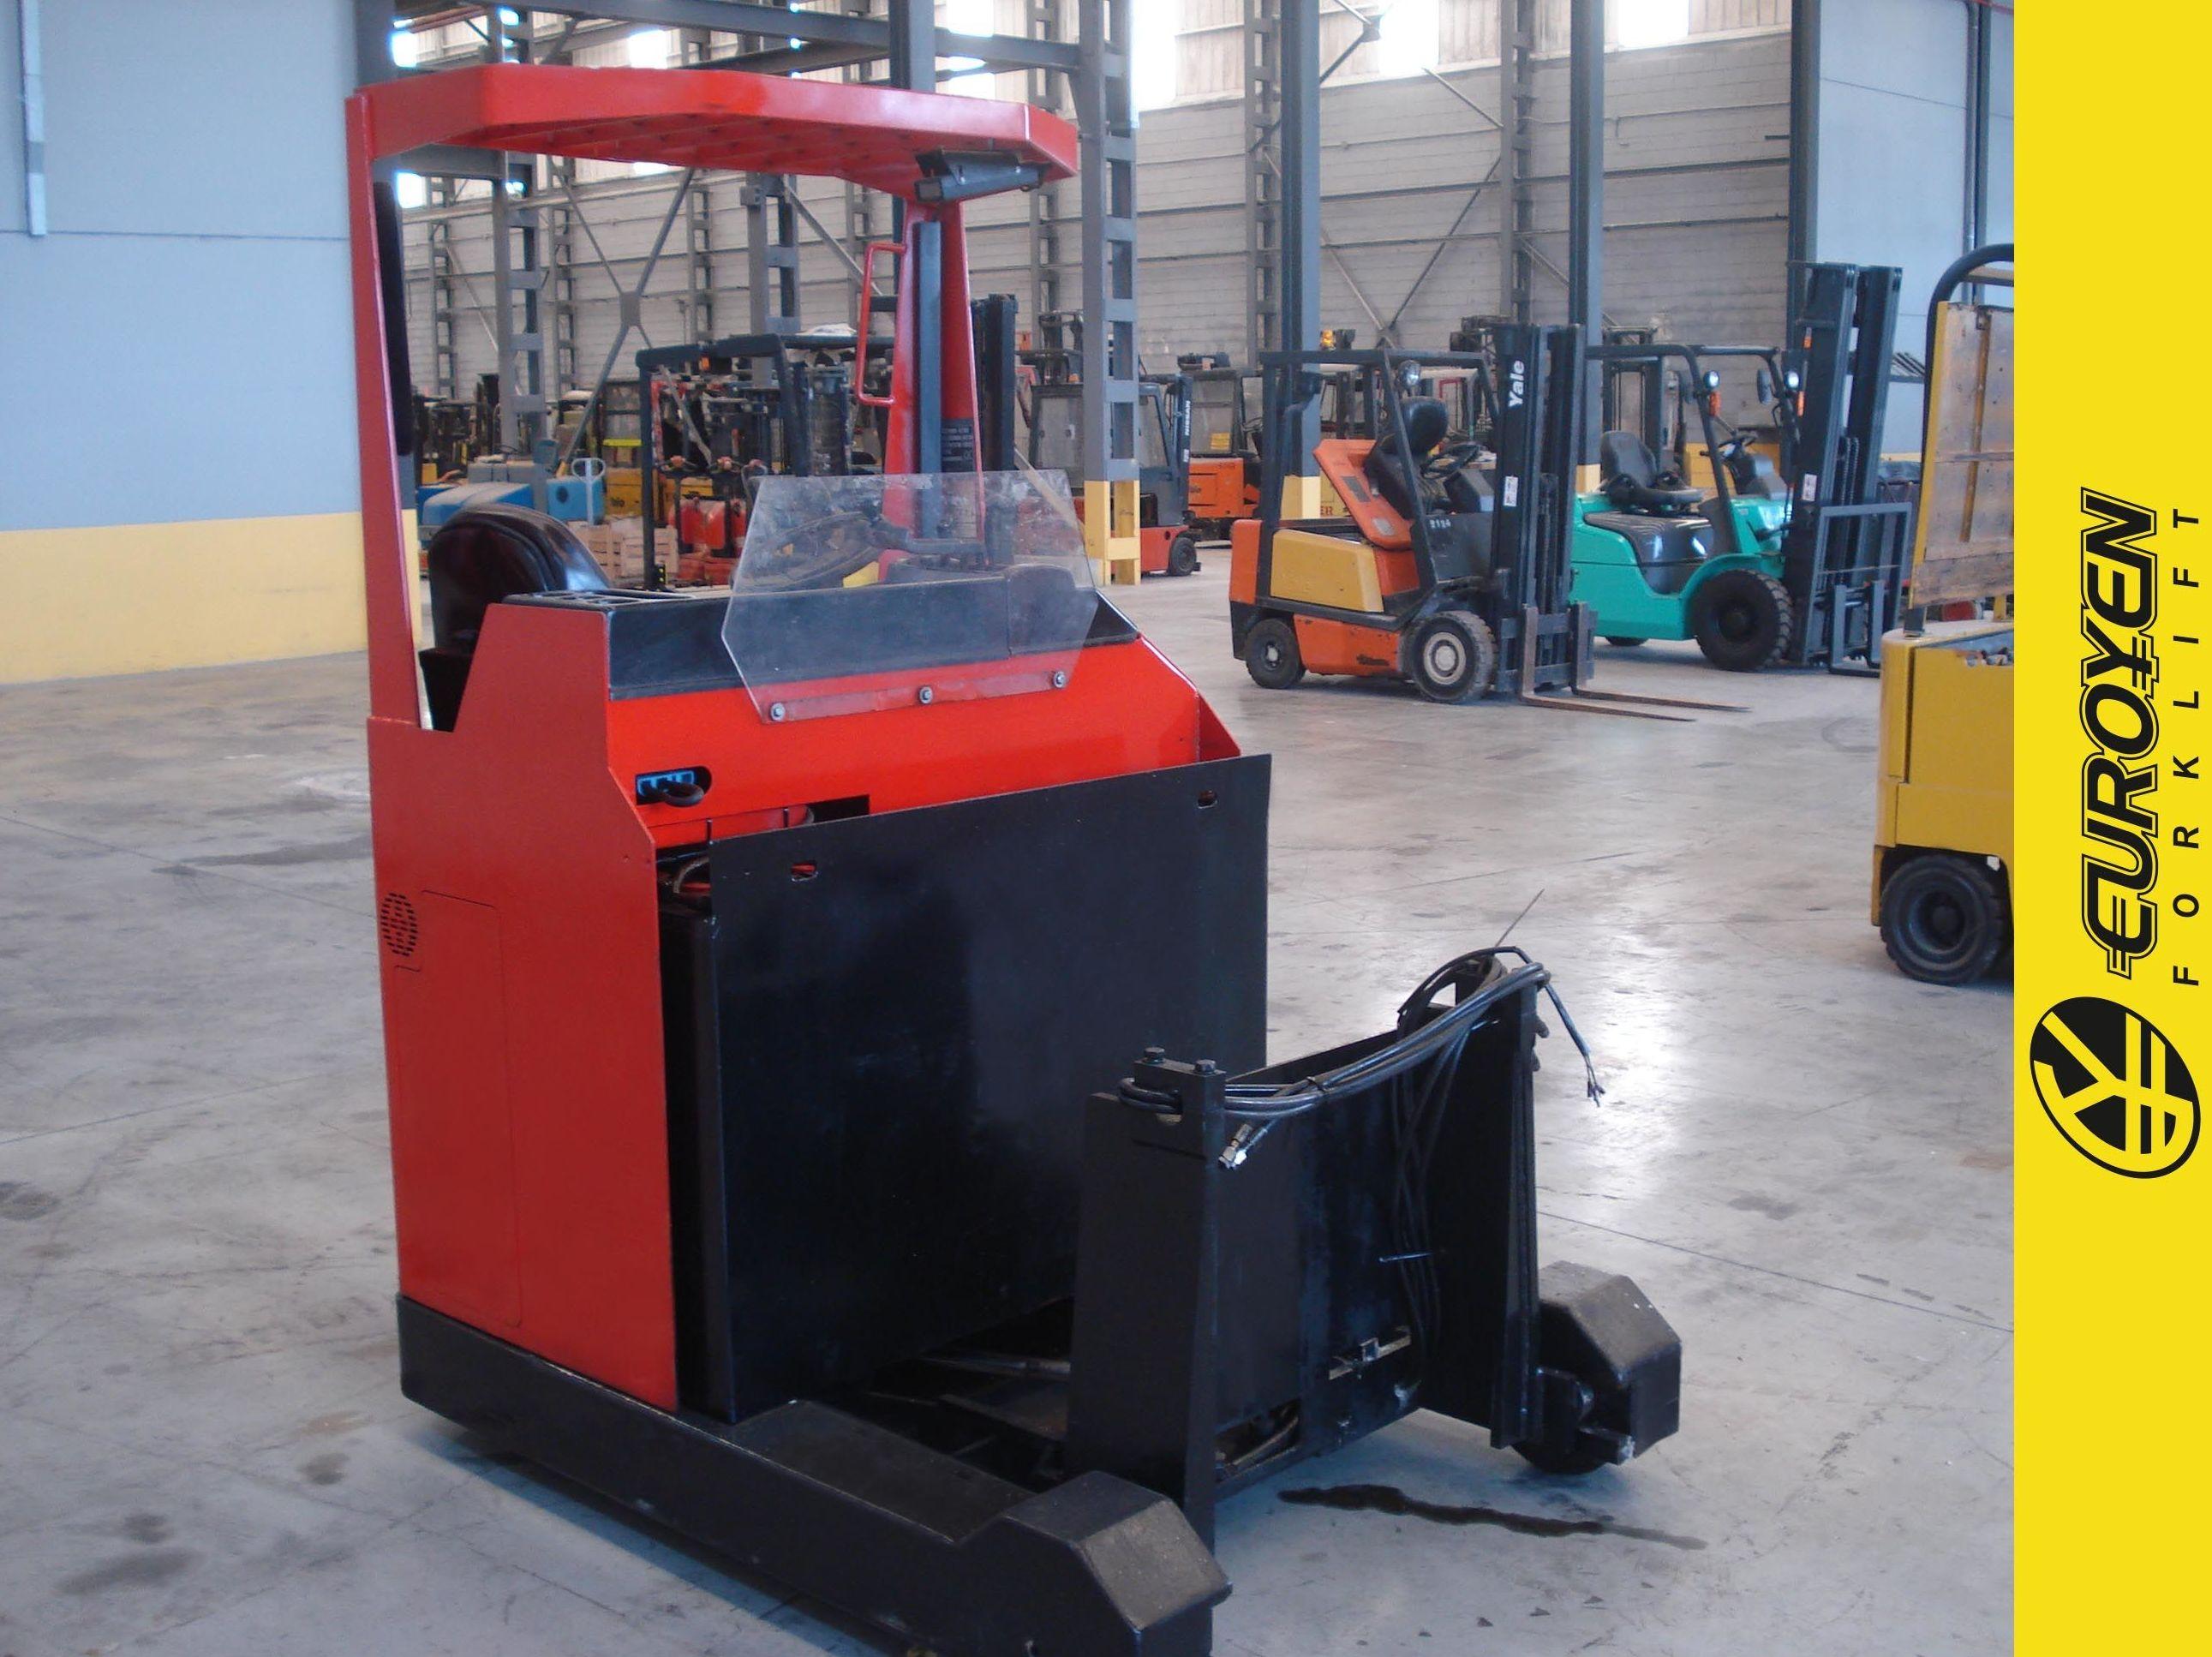 Carretilla retráctil BT Nº 5917: Productos y servicios de Comercial Euroyen, S. L.